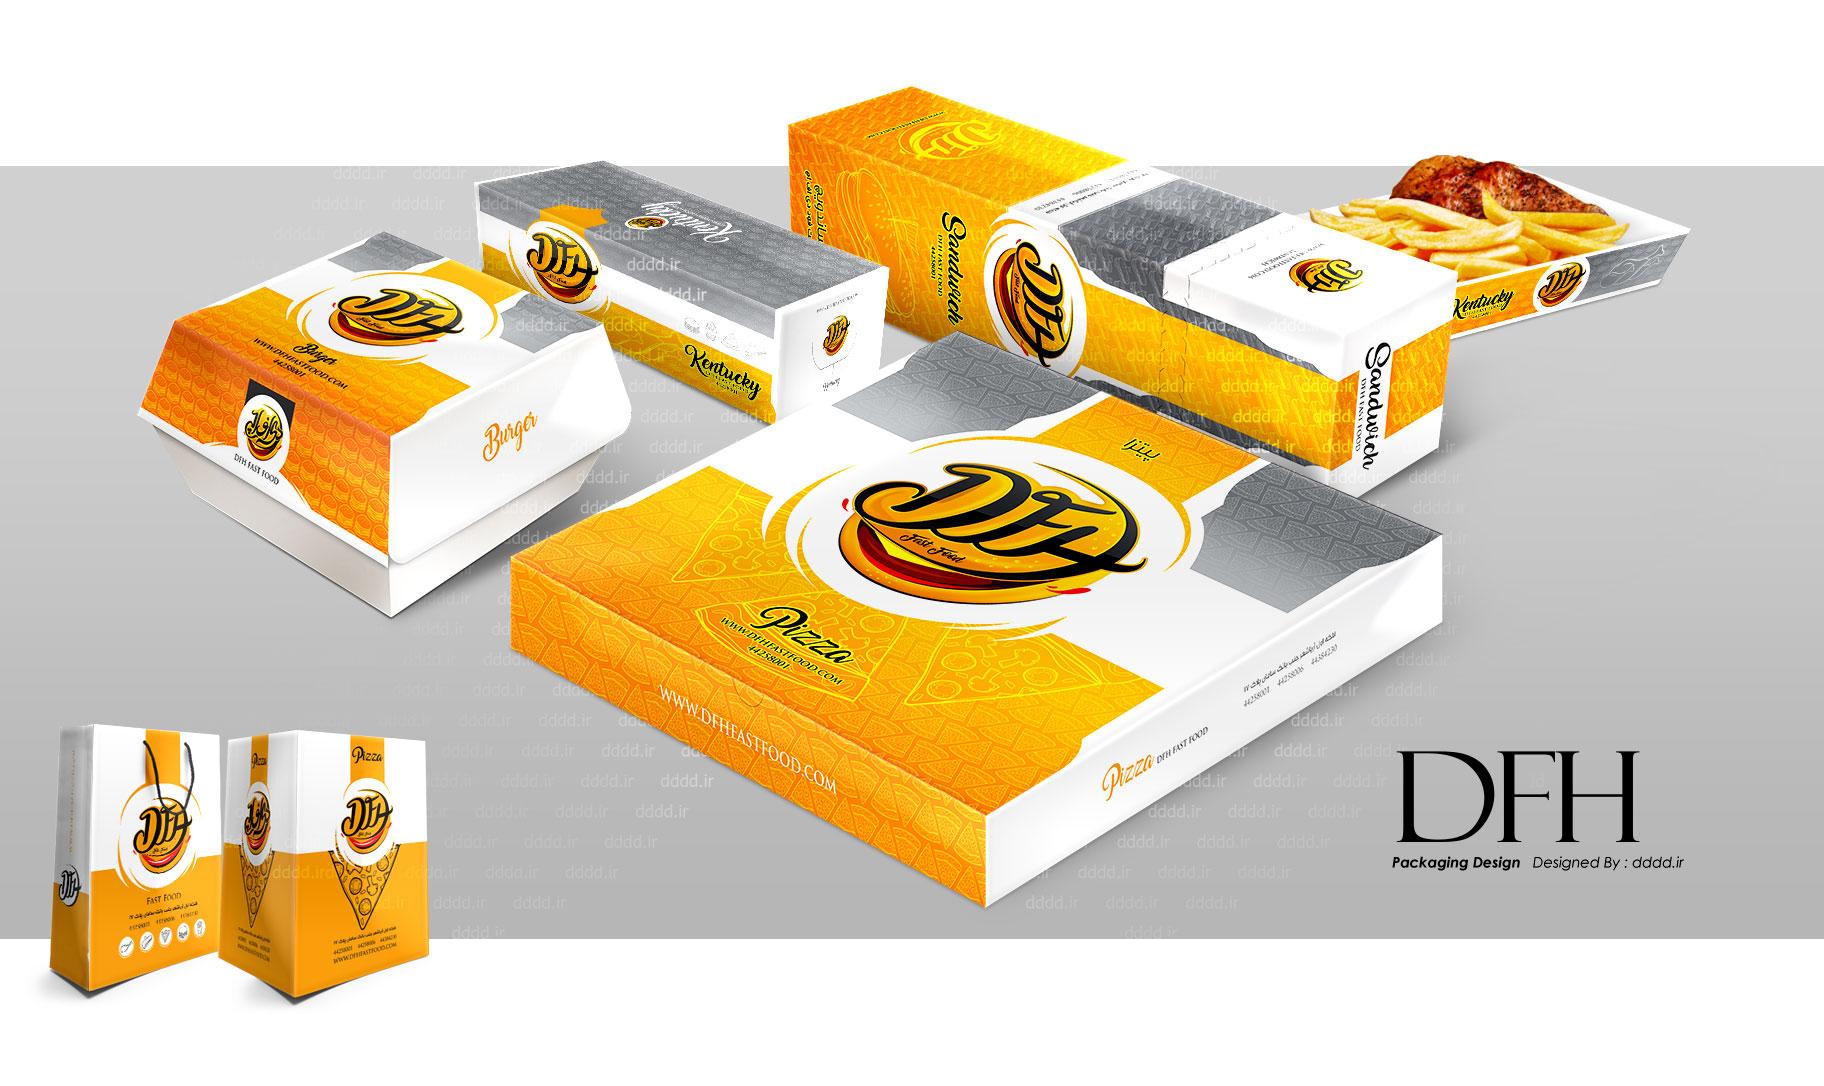 طراحی بسته بندی رستوران DFH